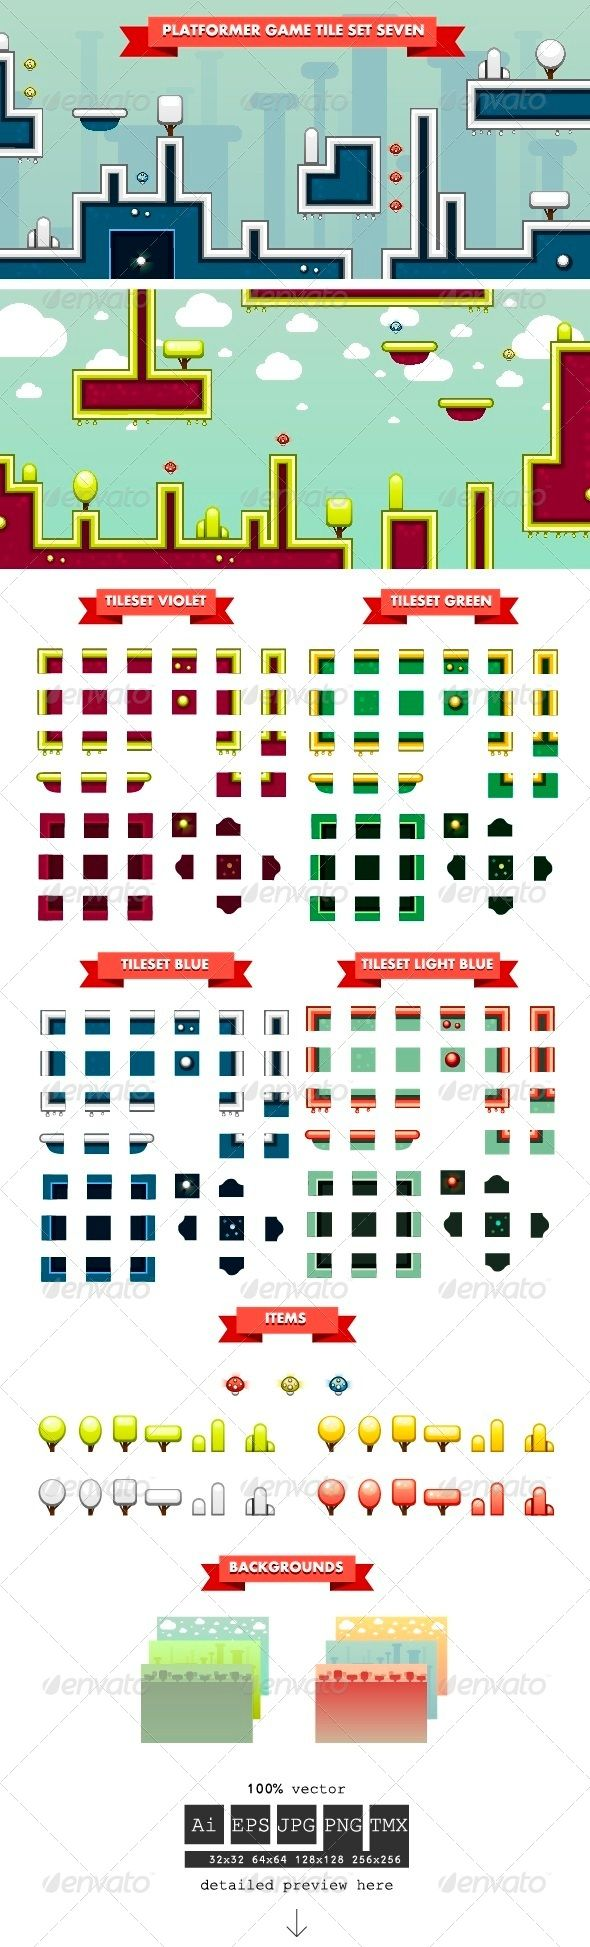 Platformer Game Tile Set Seven